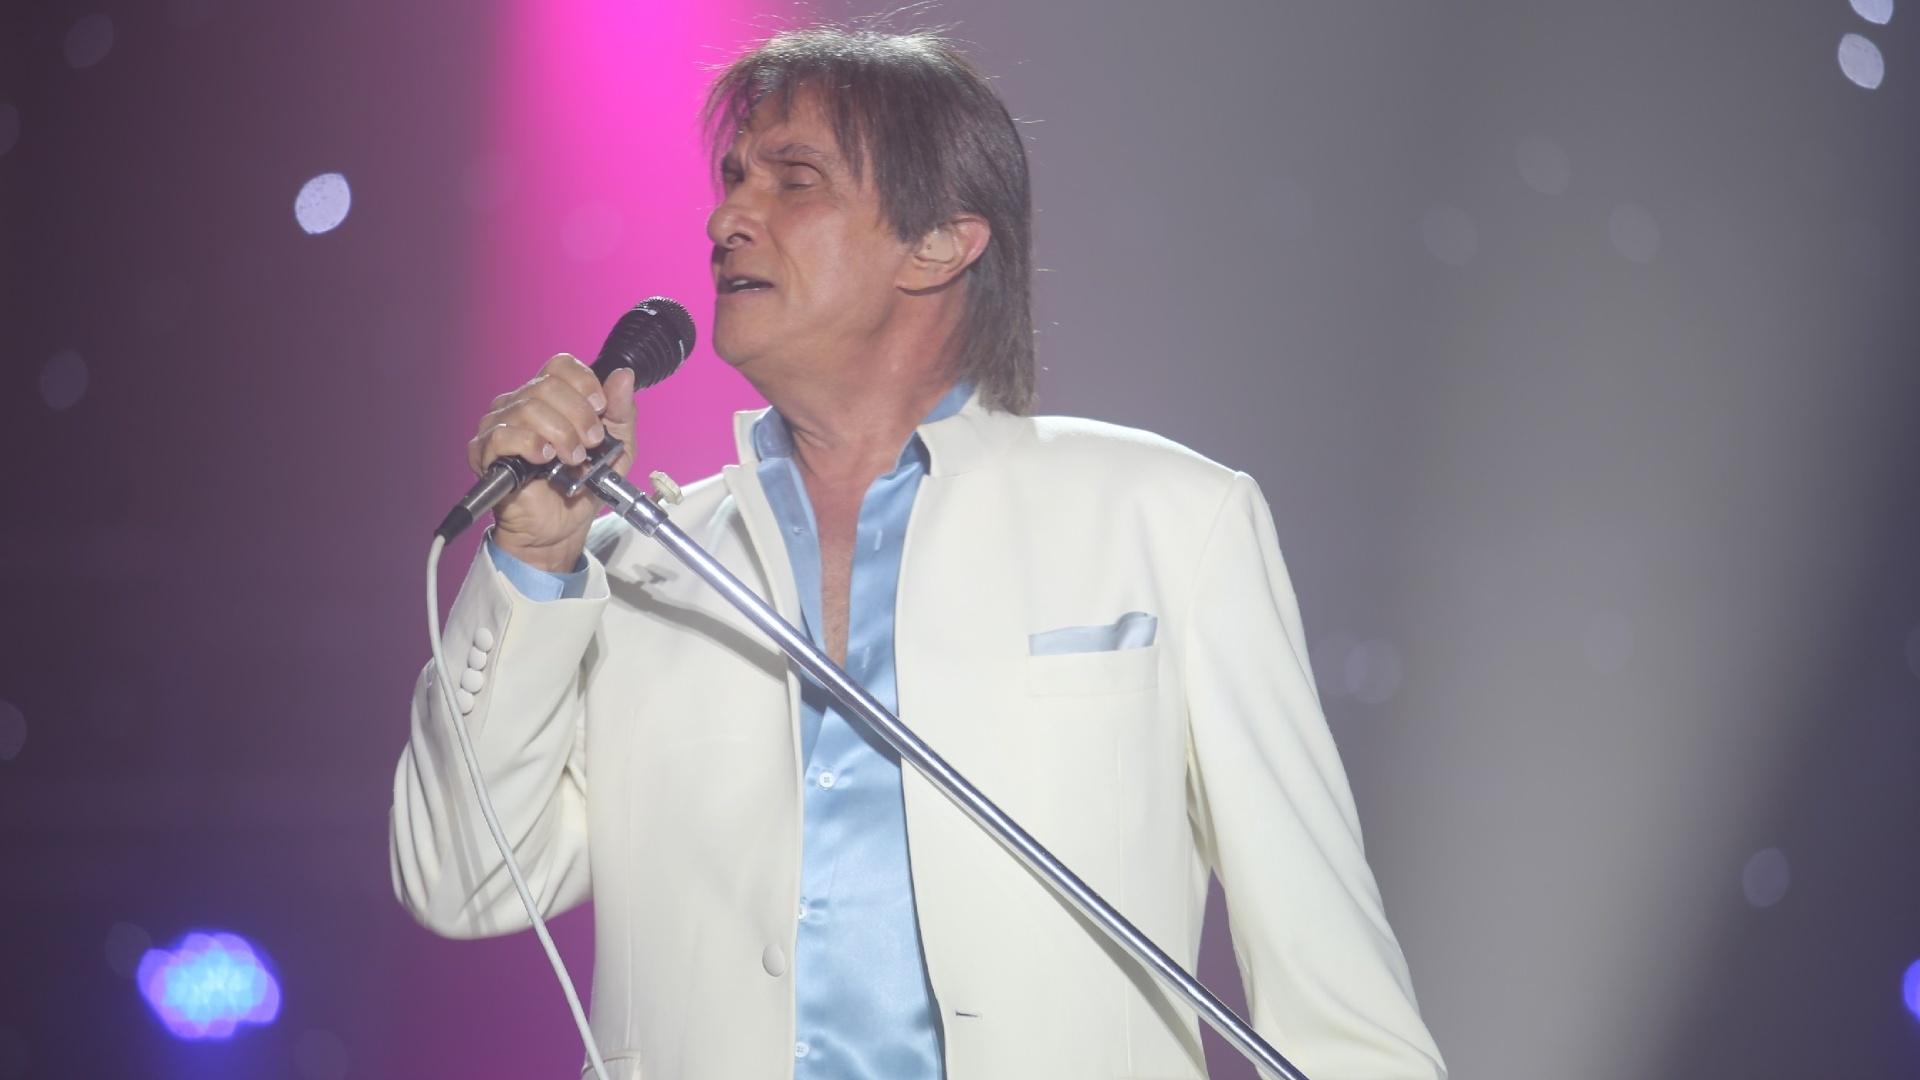 4.dez.2013 - Roberto Carlos se apresenta em Teresina após 10 anos longe da capital do Piauí. O show do cantor, acontecido no Theresina Hall teve cerca de 20 mil pagantes